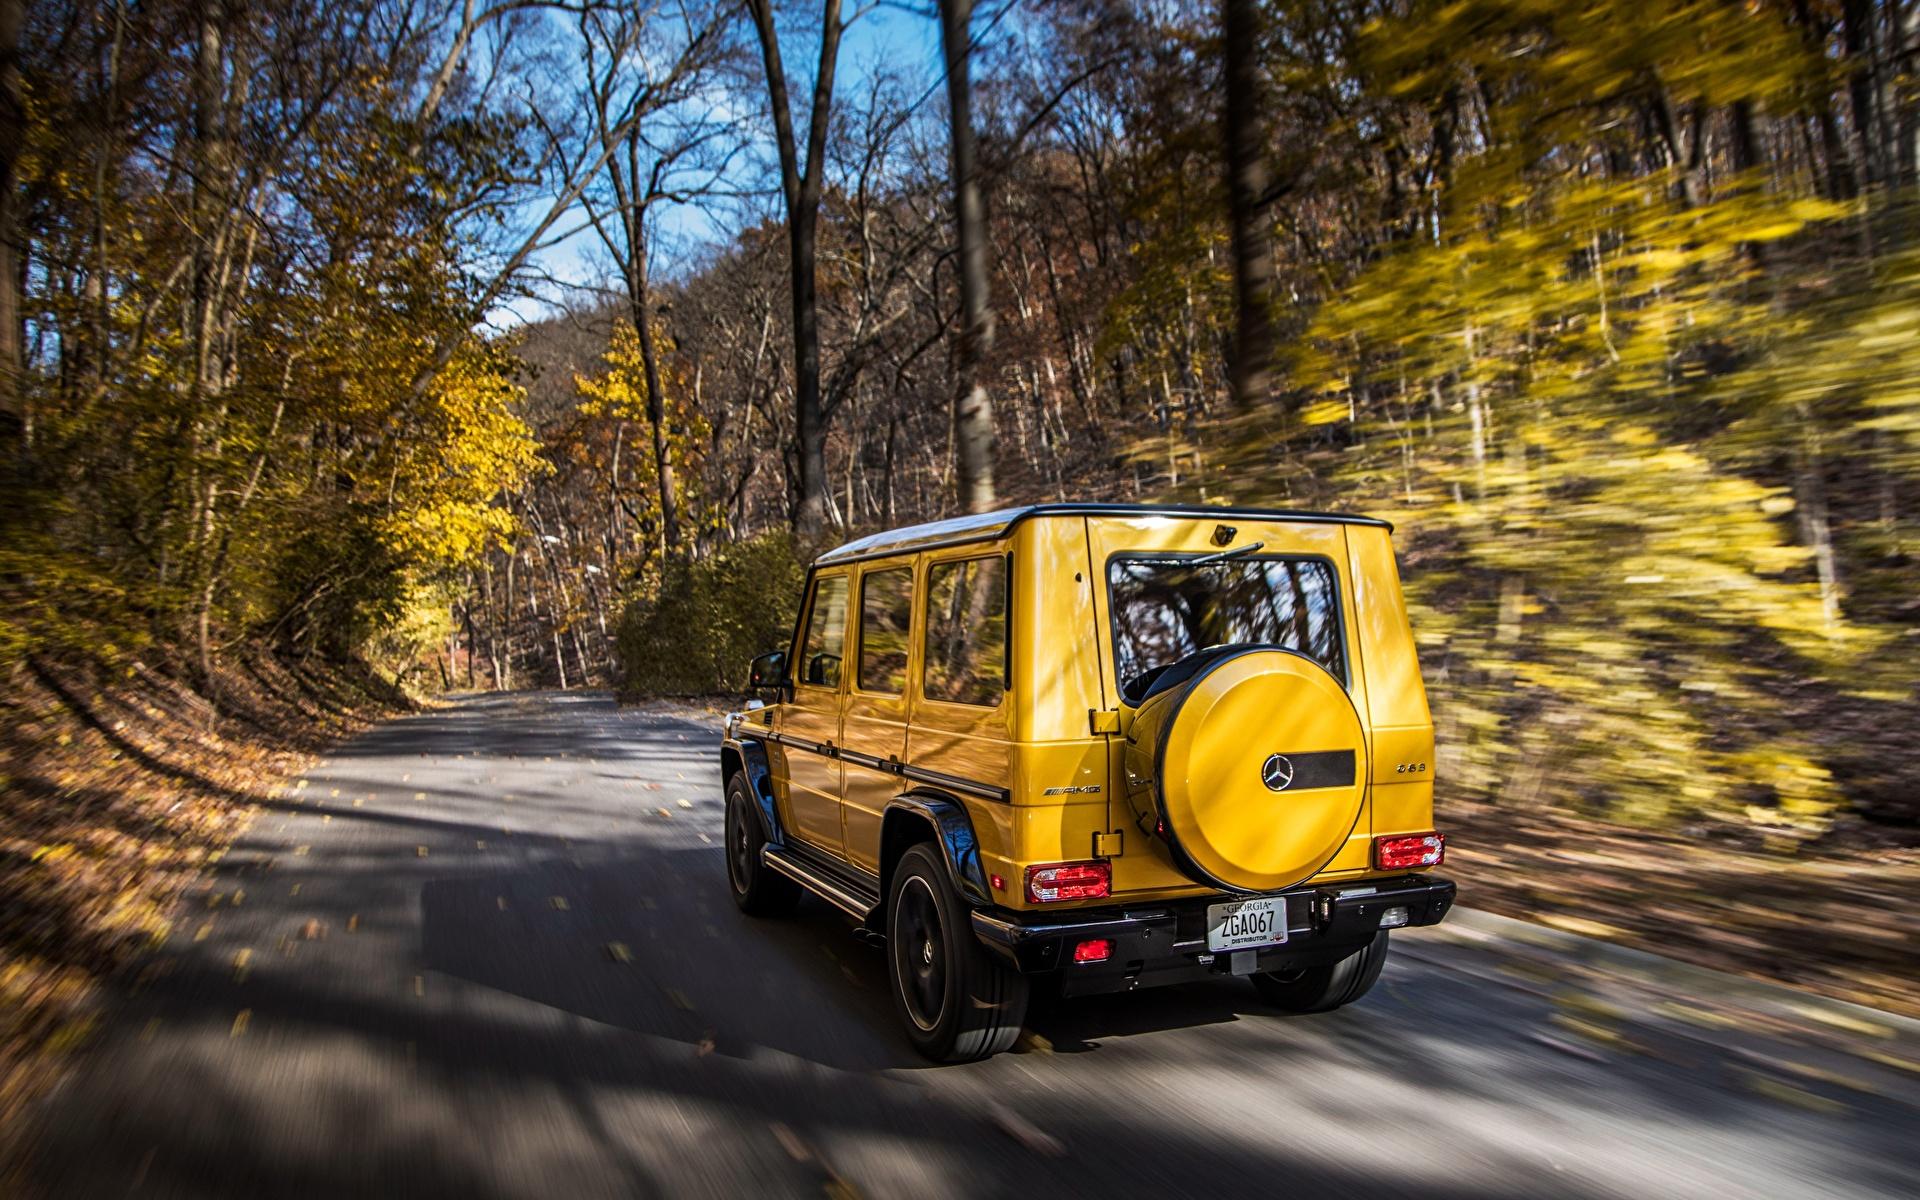 Картинки Mercedes-Benz G-класс AMG G63 2017 Colour Edition желтых едущий Авто Сзади 1920x1200 Мерседес бенц Гелентваген Желтый желтые желтая скорость Движение вид Машины Автомобили